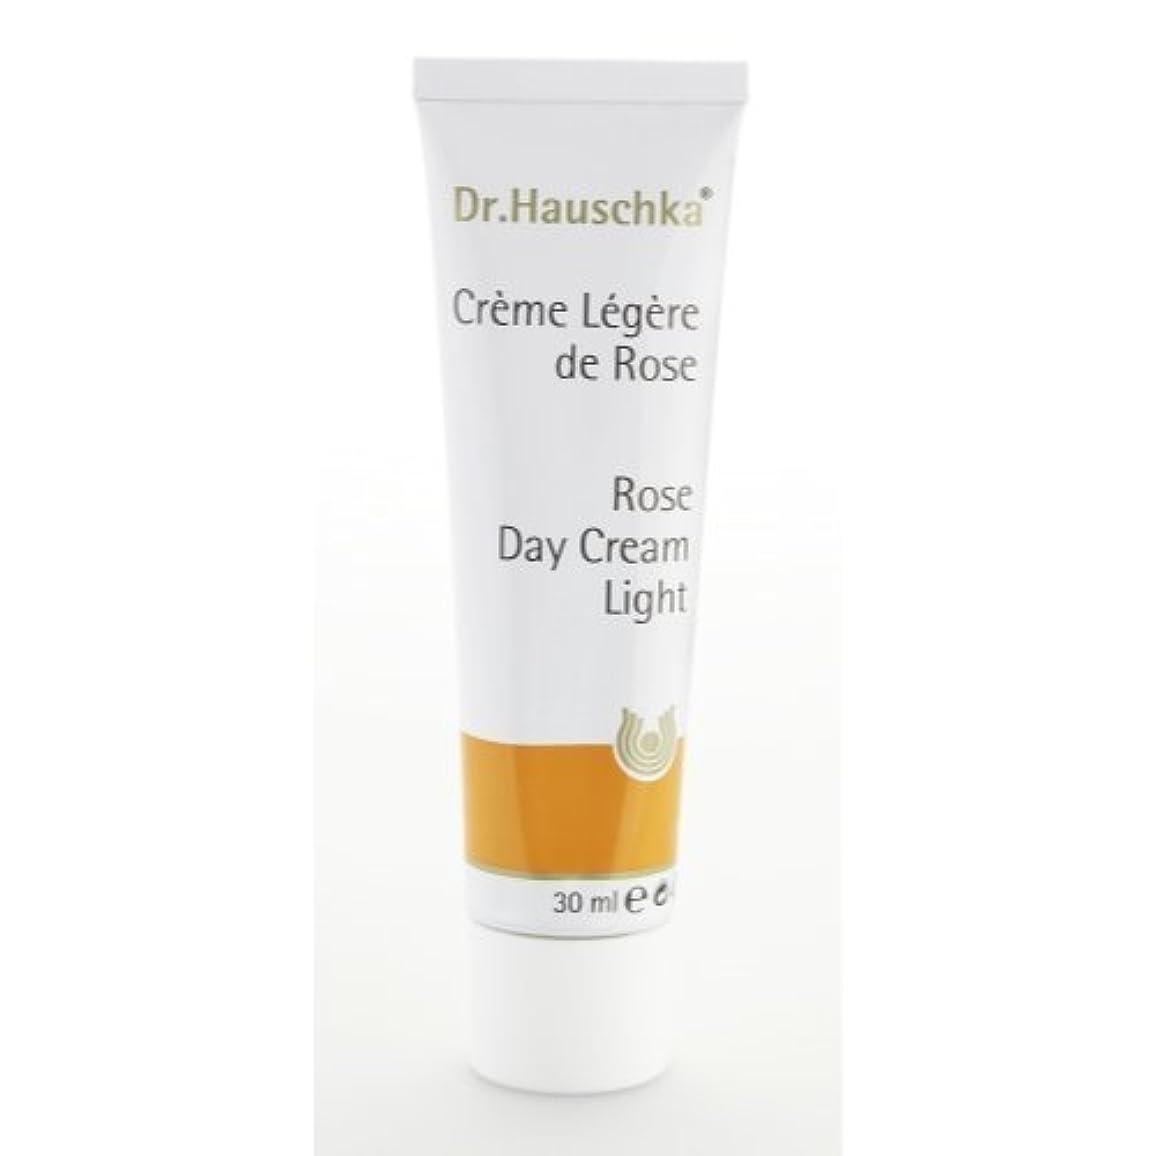 眠いですオーロック逆Dr. Hauschka Skin Care Rose Day Cream, Light, 1 oz by Dr. Hauschka Skin Care [並行輸入品]